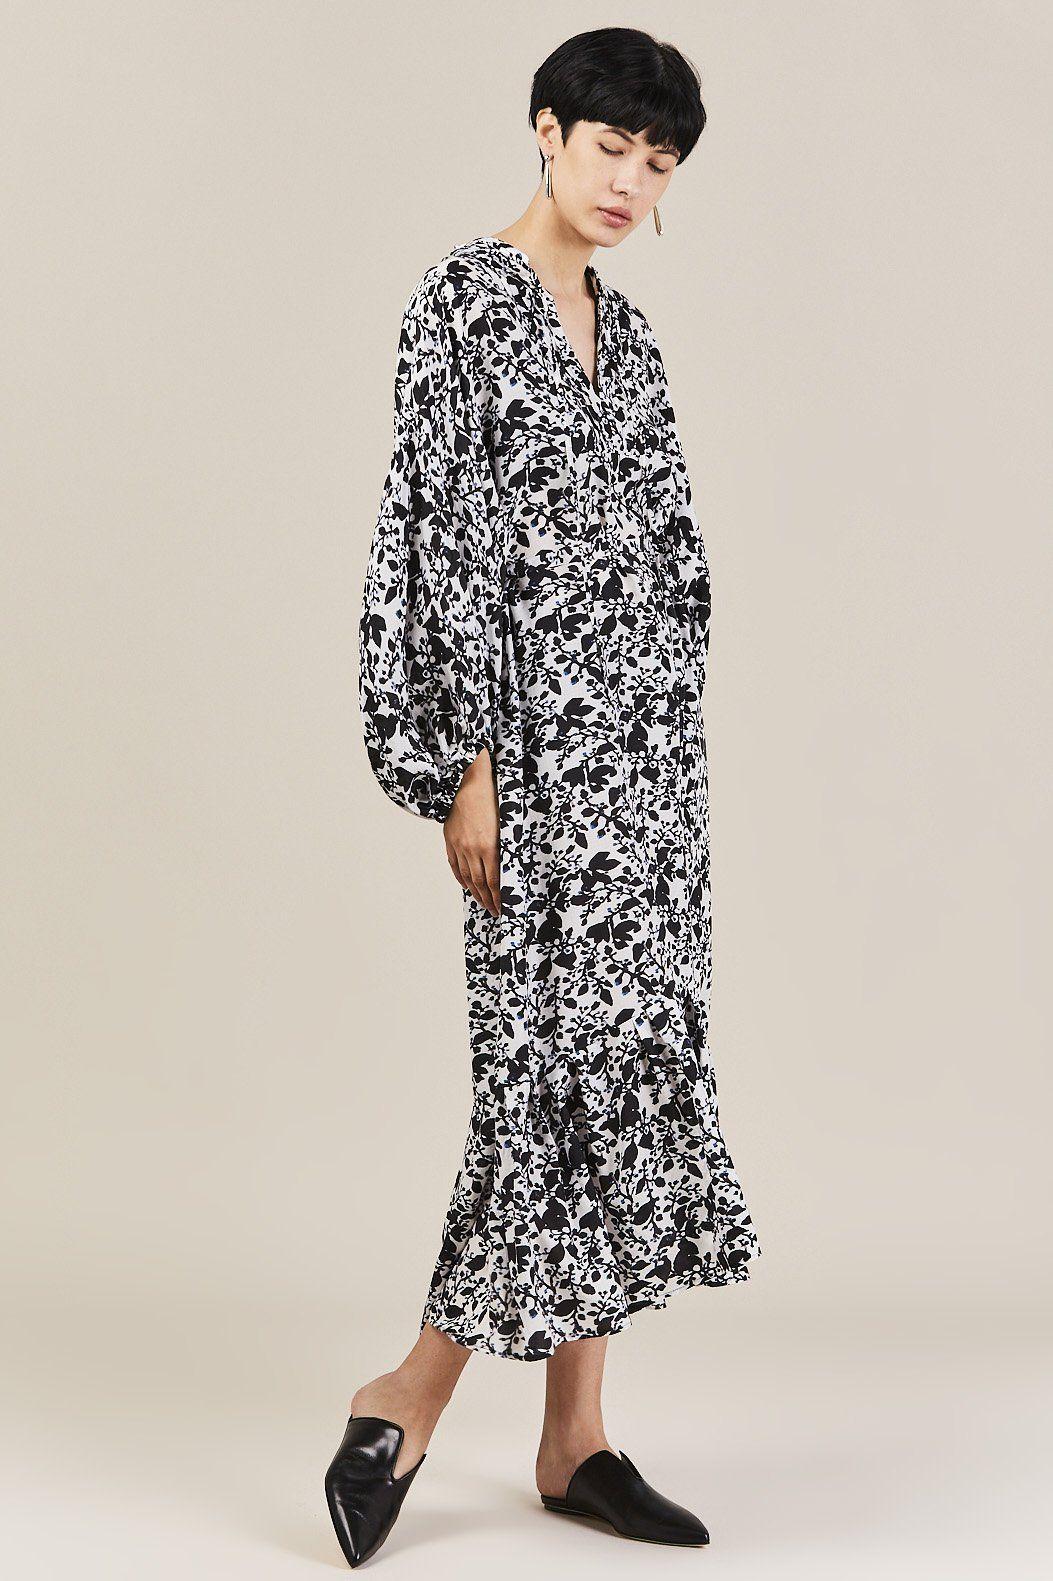 Christian Wijnants Darba Black White Silk Flower Dress